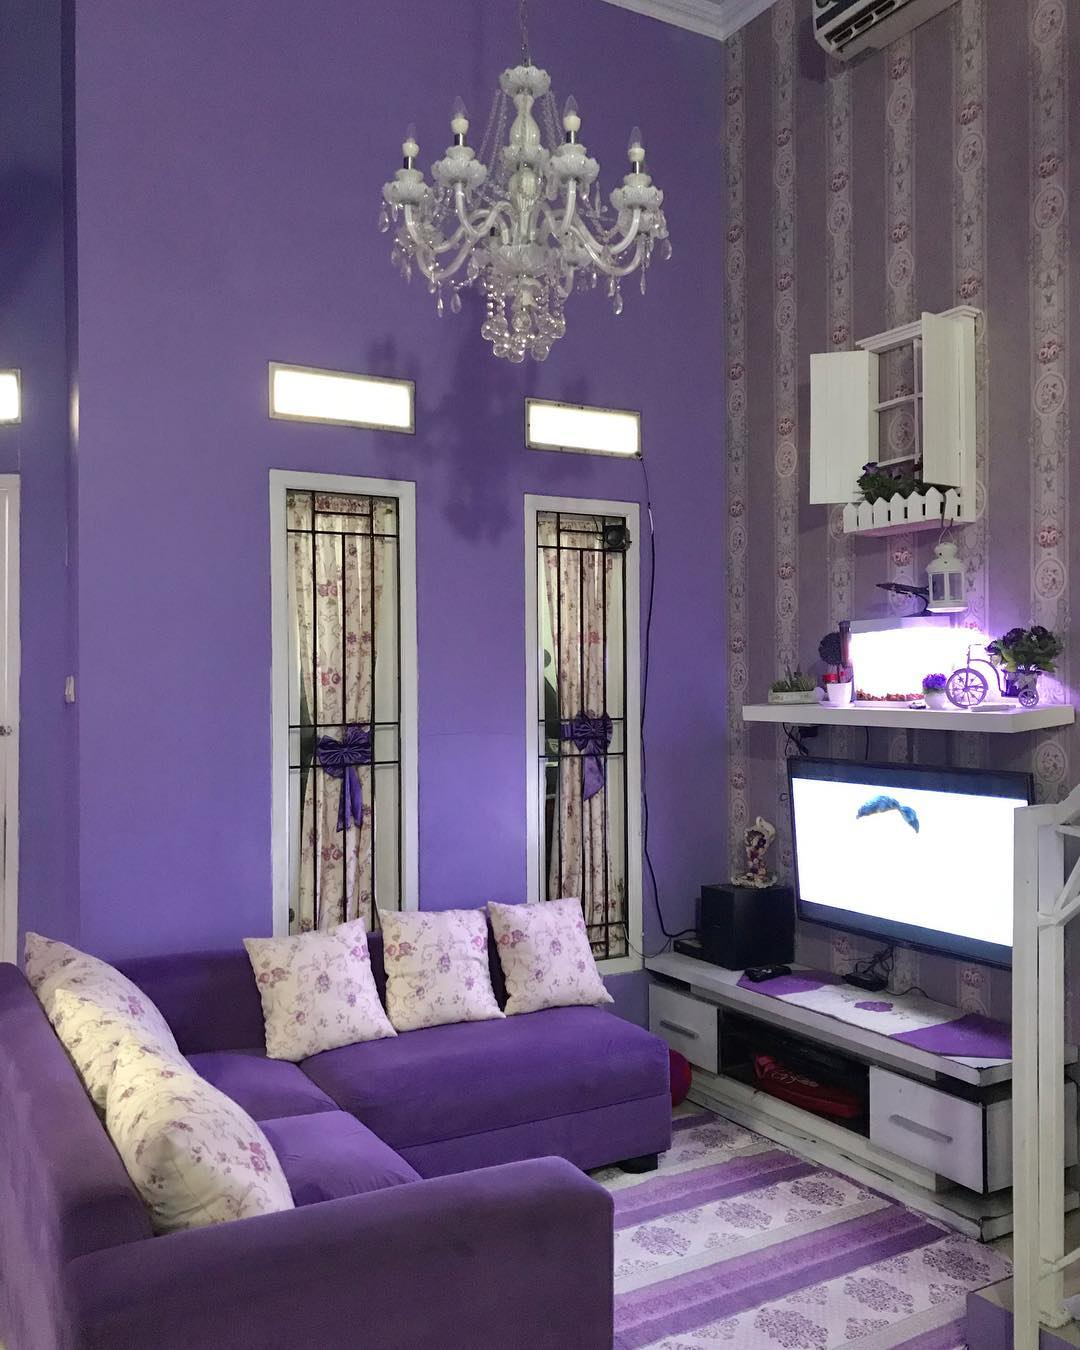 Desain Meja Tv Minimalis Agar Tidak Memakan Tempat Homeshabby Com Design Home Plans Home Decorating And Interior Design